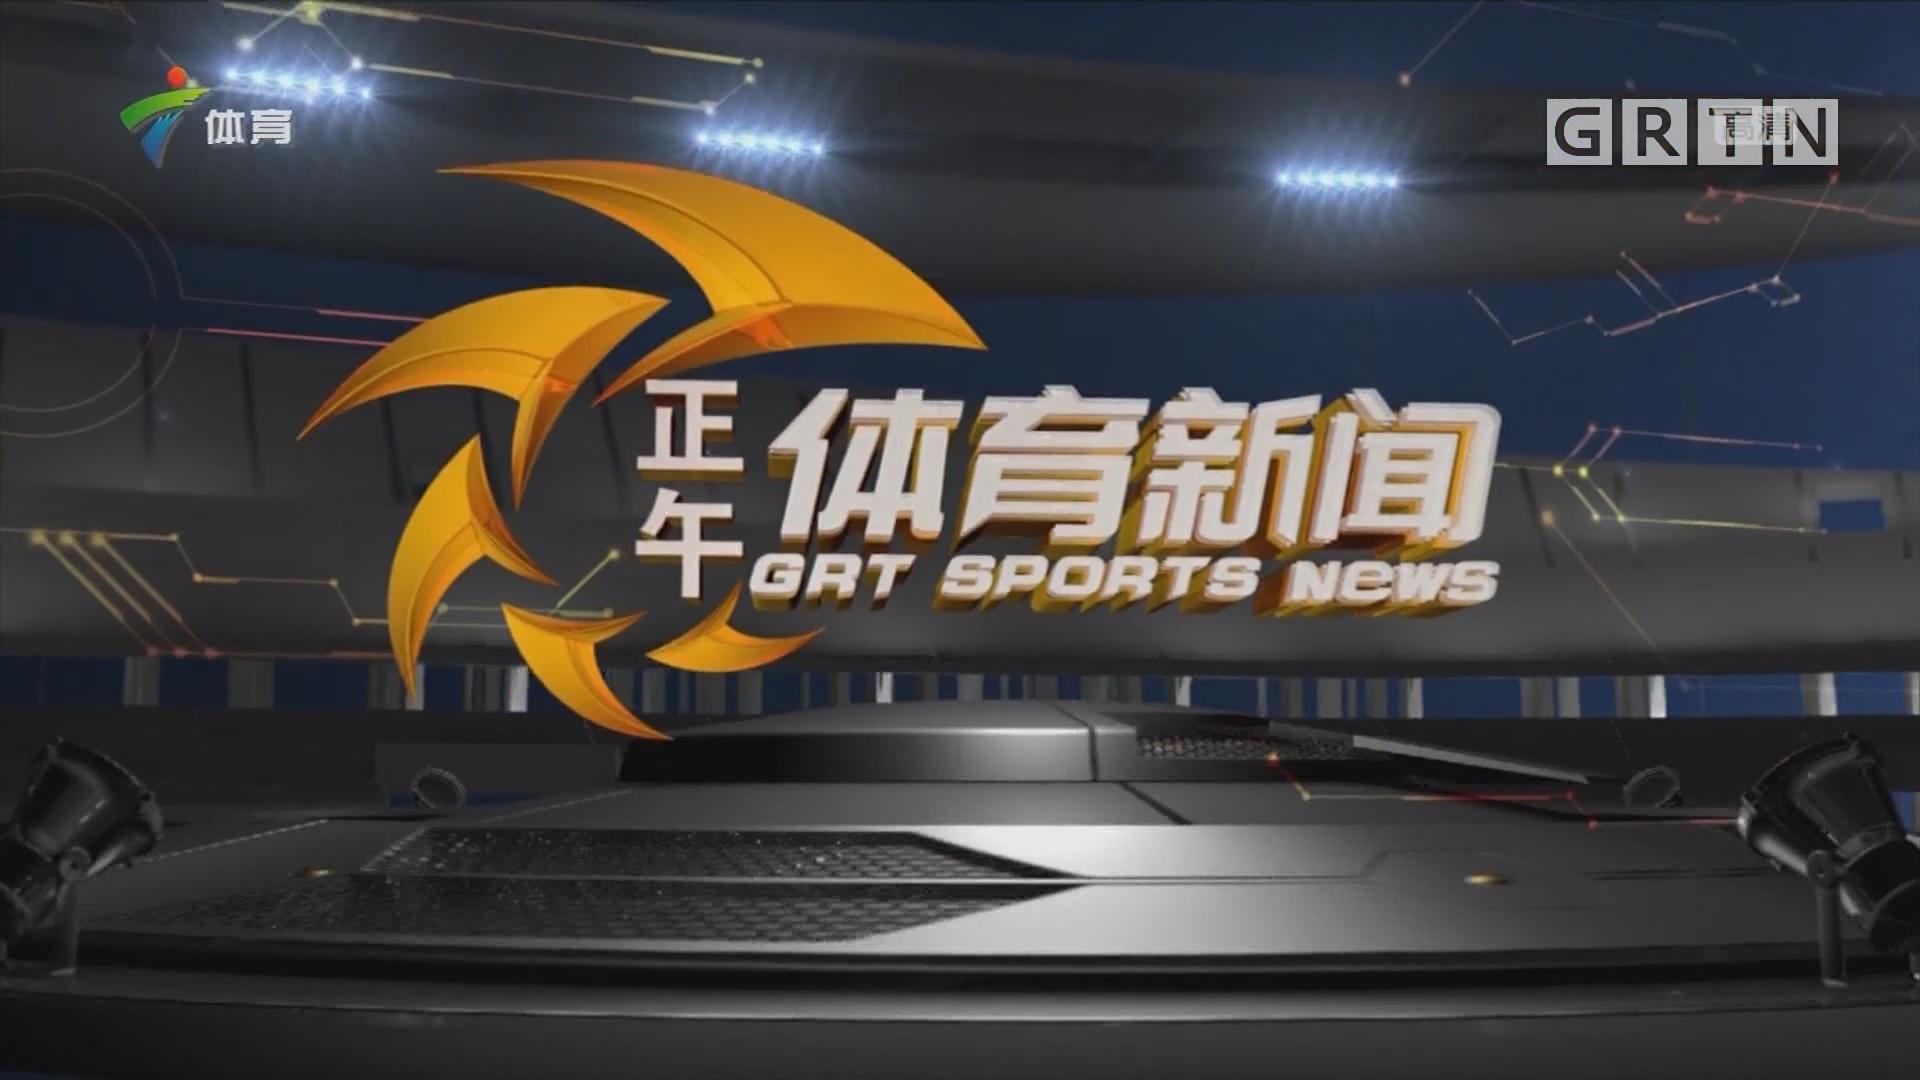 [2018-10-24]正午体育新闻:轻取北京农商银行 广东东莞银行取两连胜